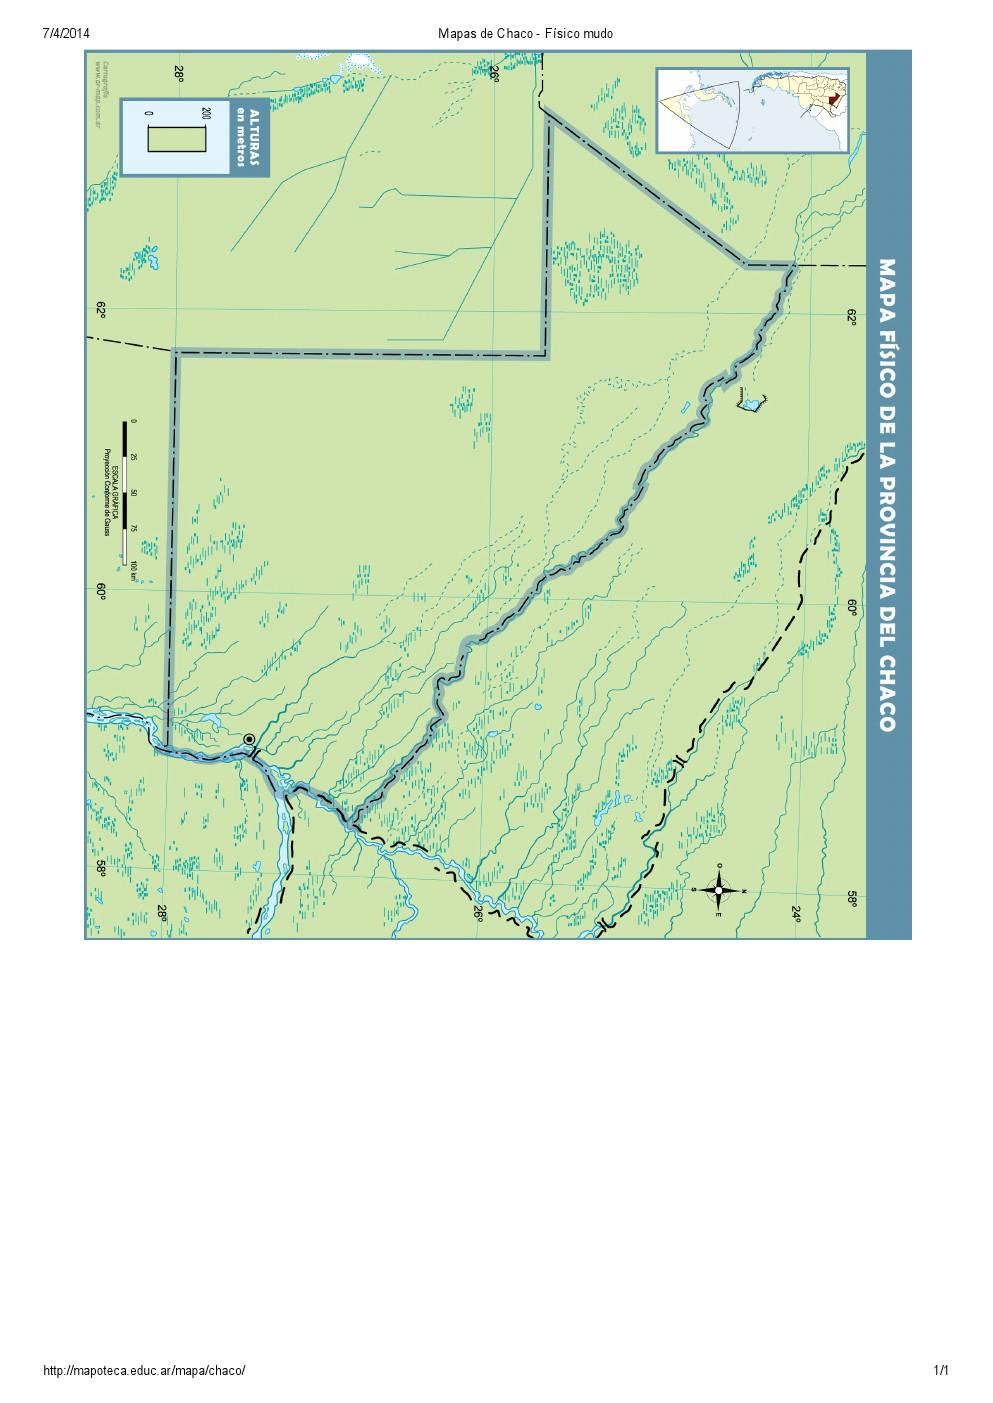 Mapa mudo de ríos del Chaco. Mapoteca de Educ.ar